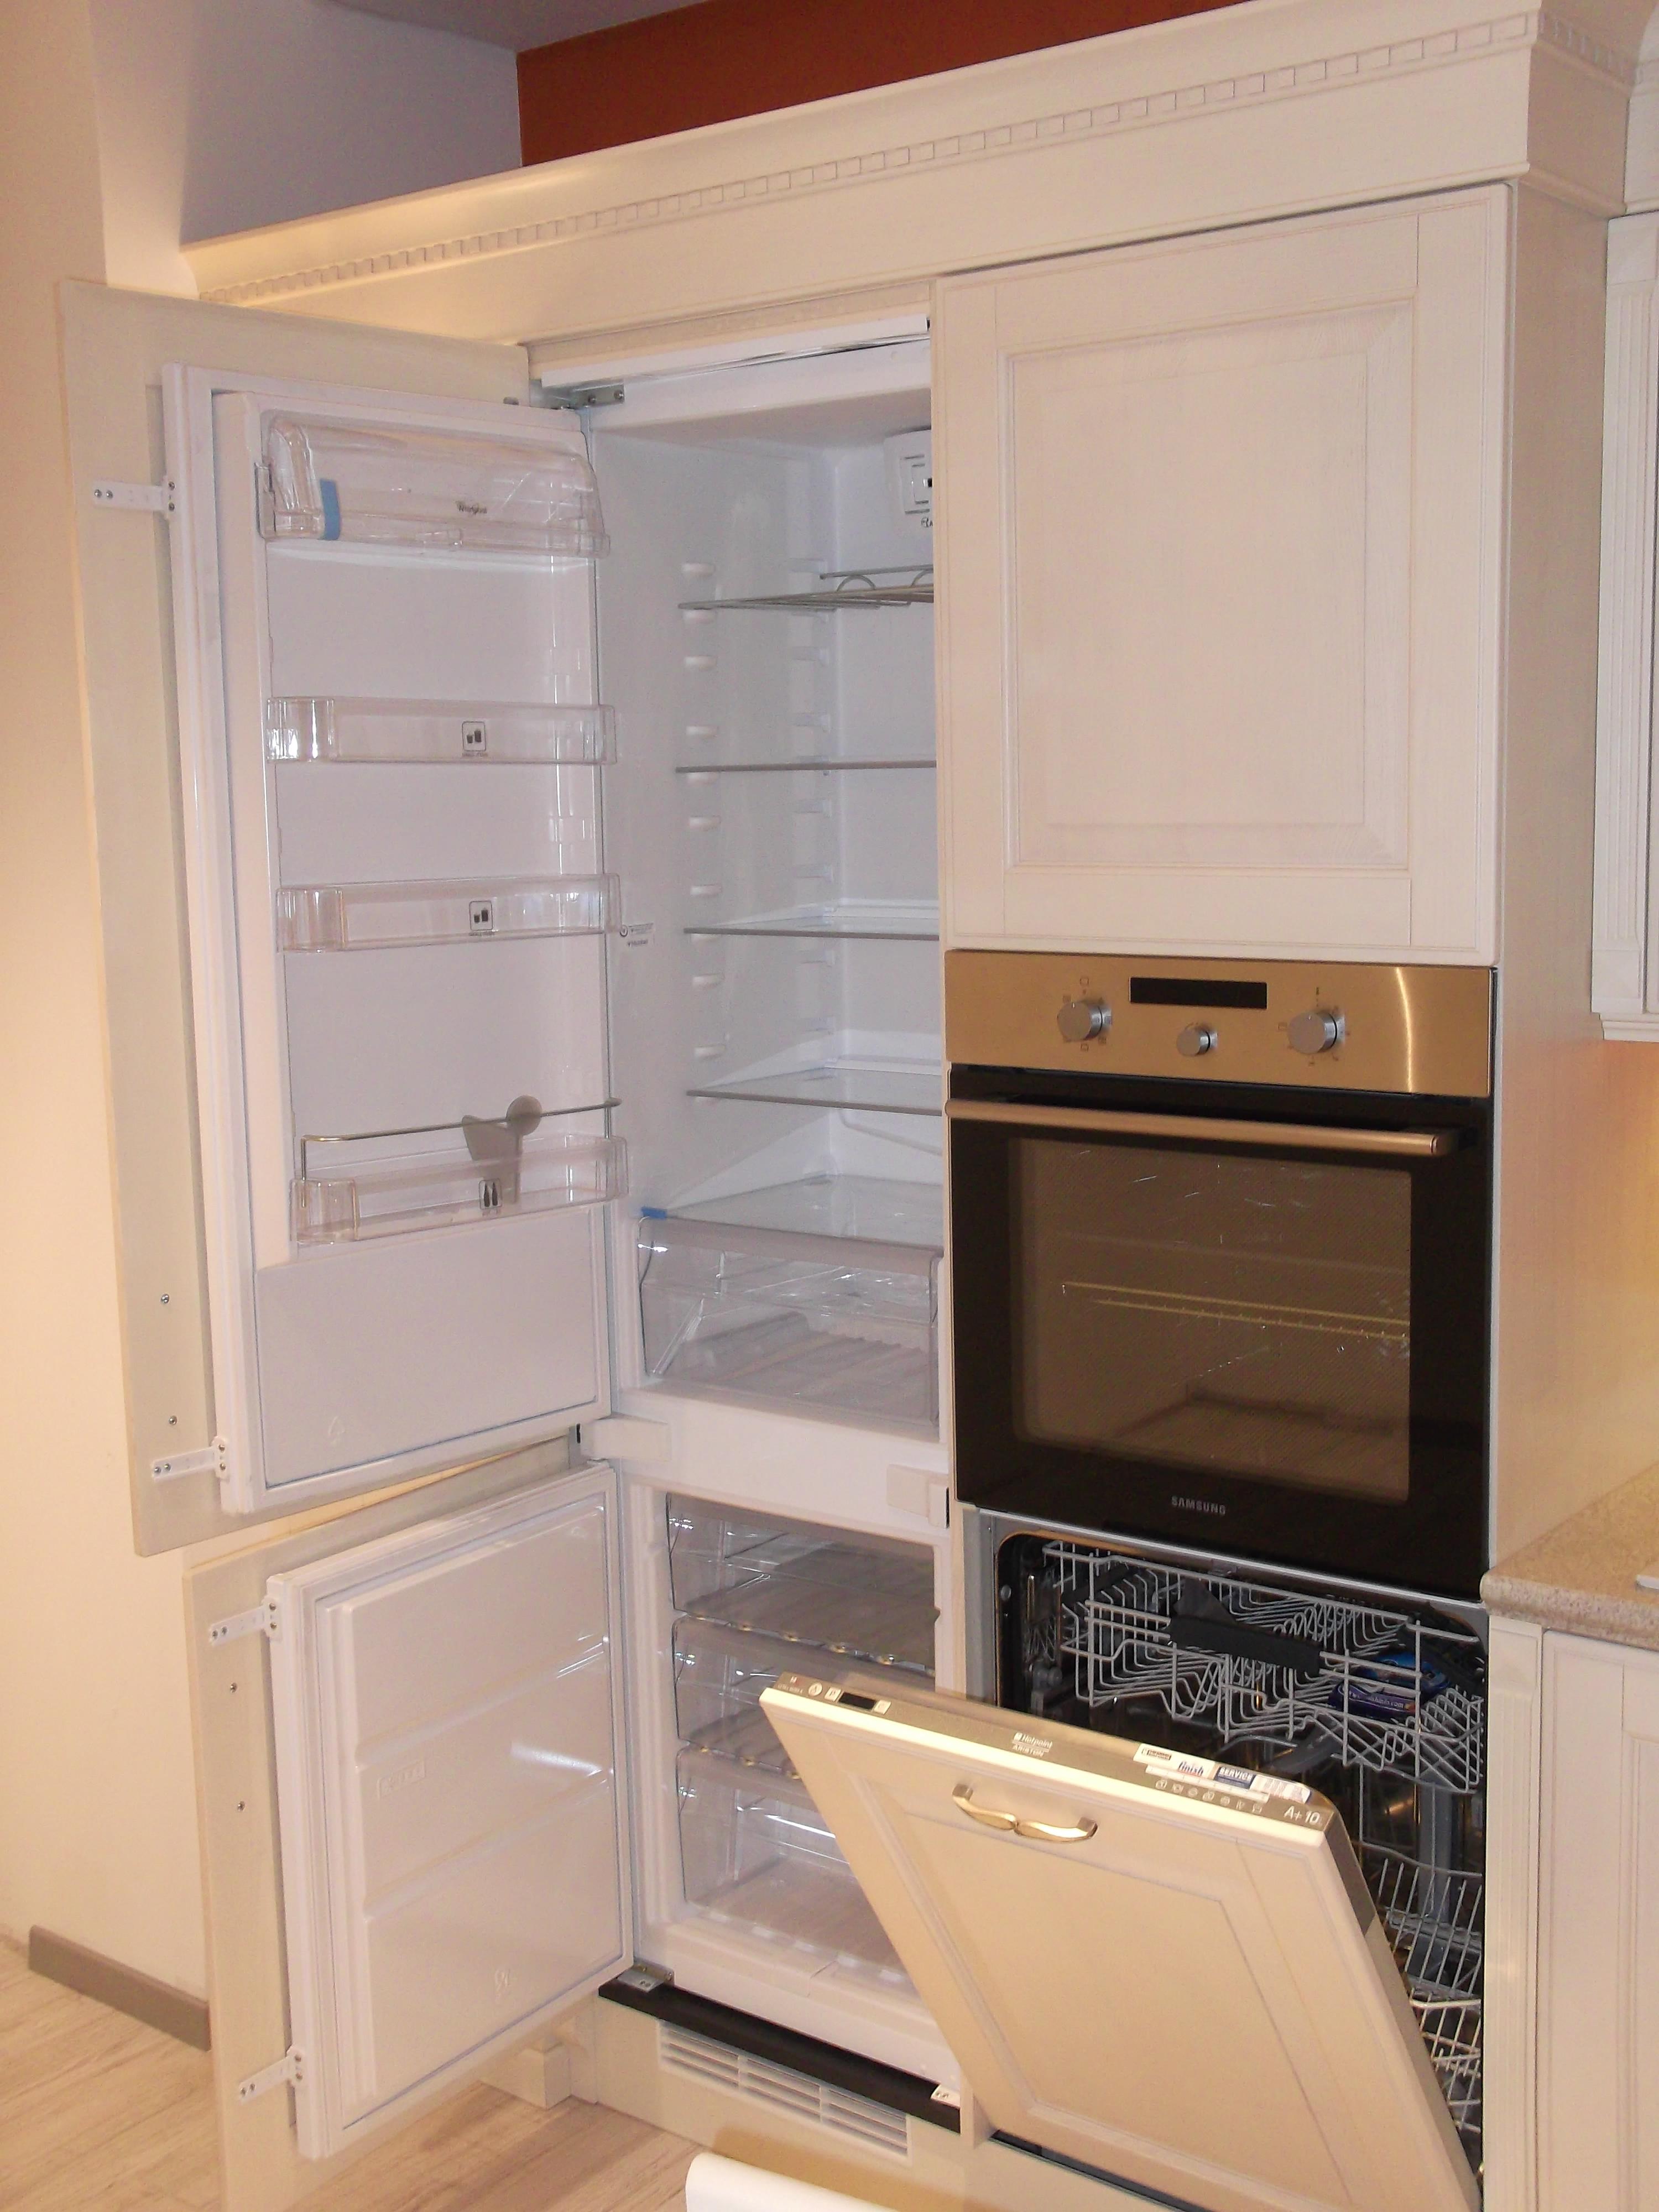 Cucine Scavolini Baltimora Prezzi : Cucina baltimora scavolini cucine a prezzi scontati